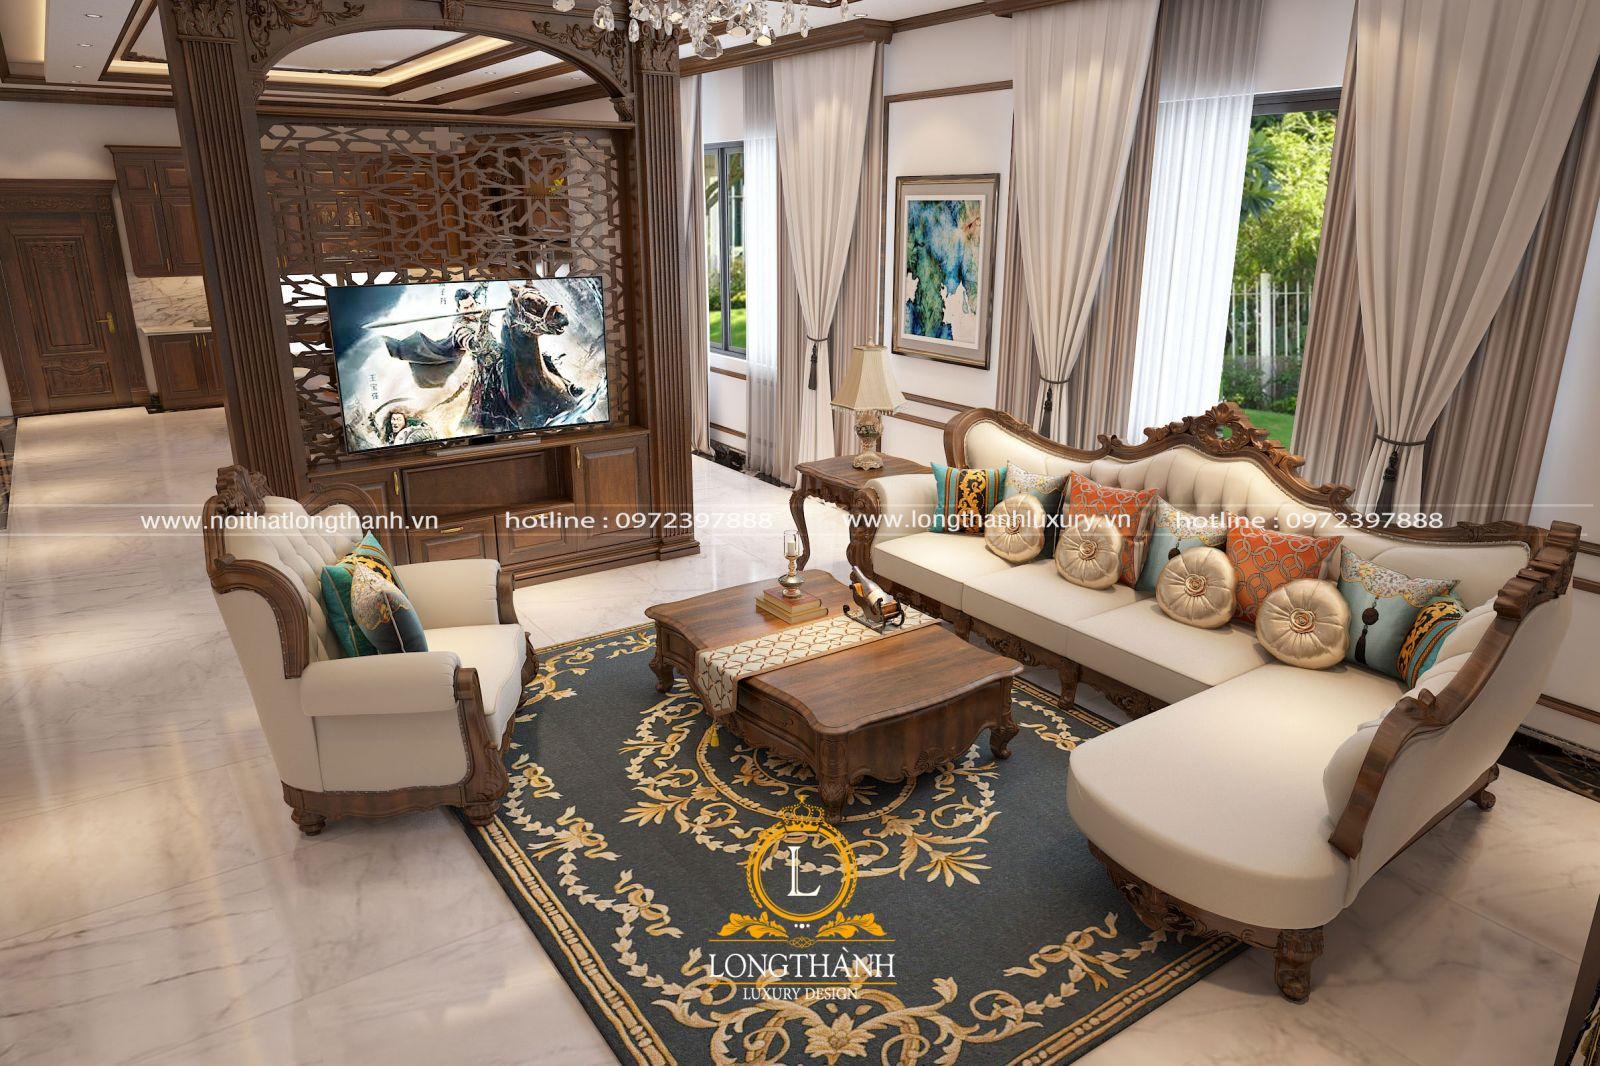 Nội thất phòng khách đẹp được bố trí bảo đảm phong thủy